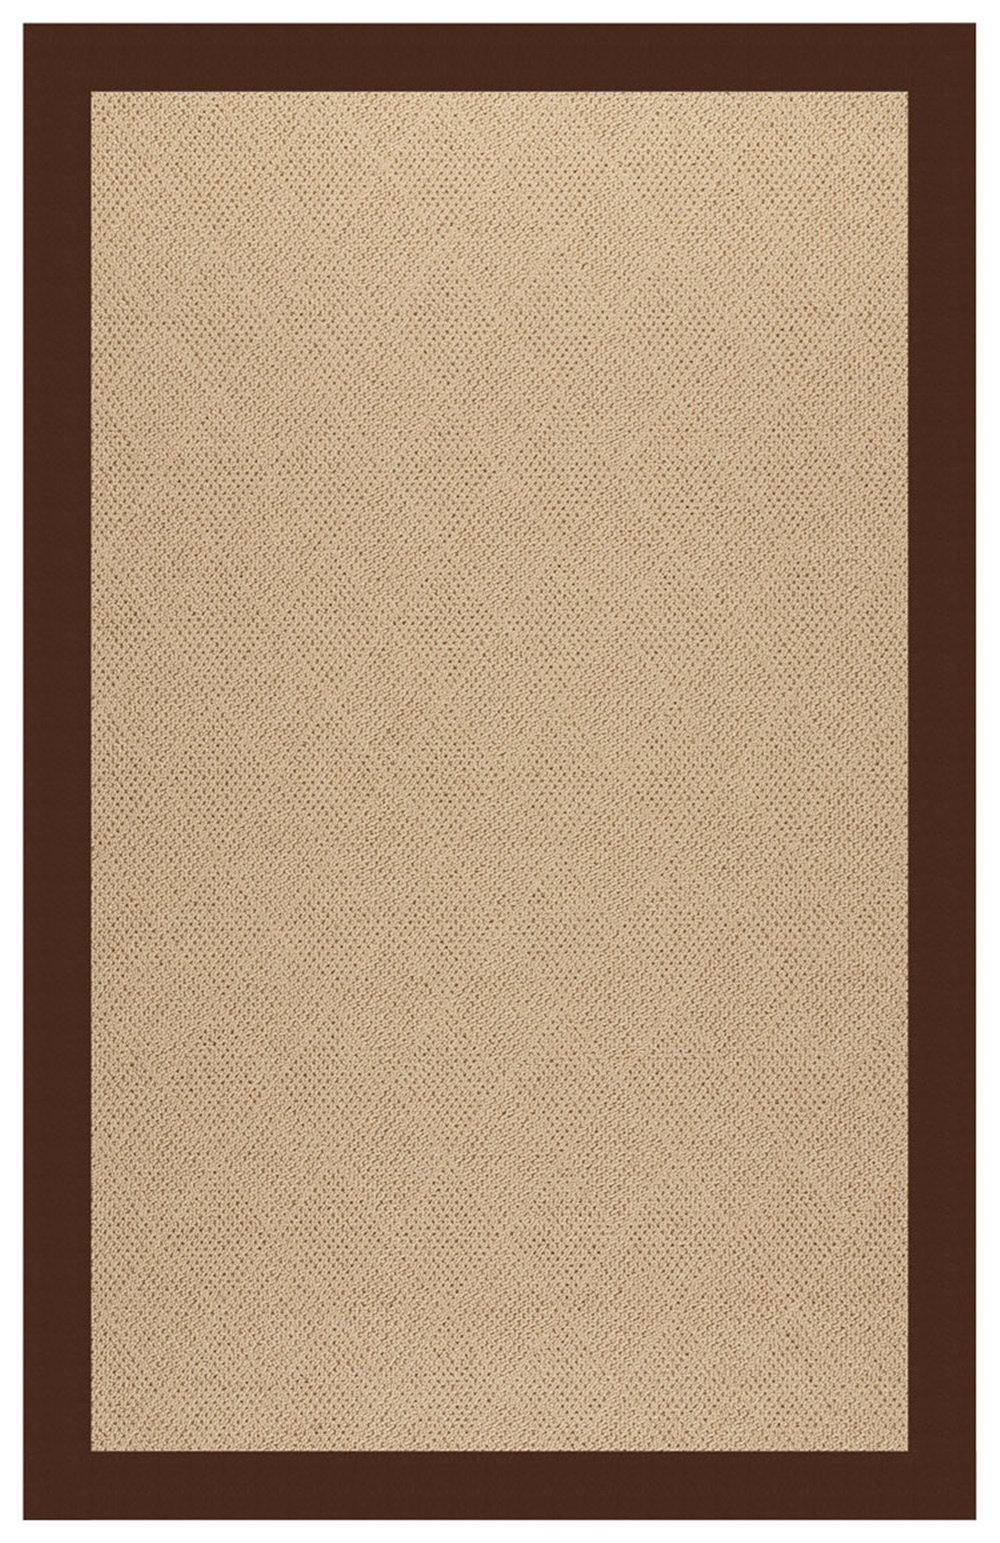 Longshore Tides Zeppelin Tufted Brown Beige Indoor Outdoor Rug Reviews Wayfair